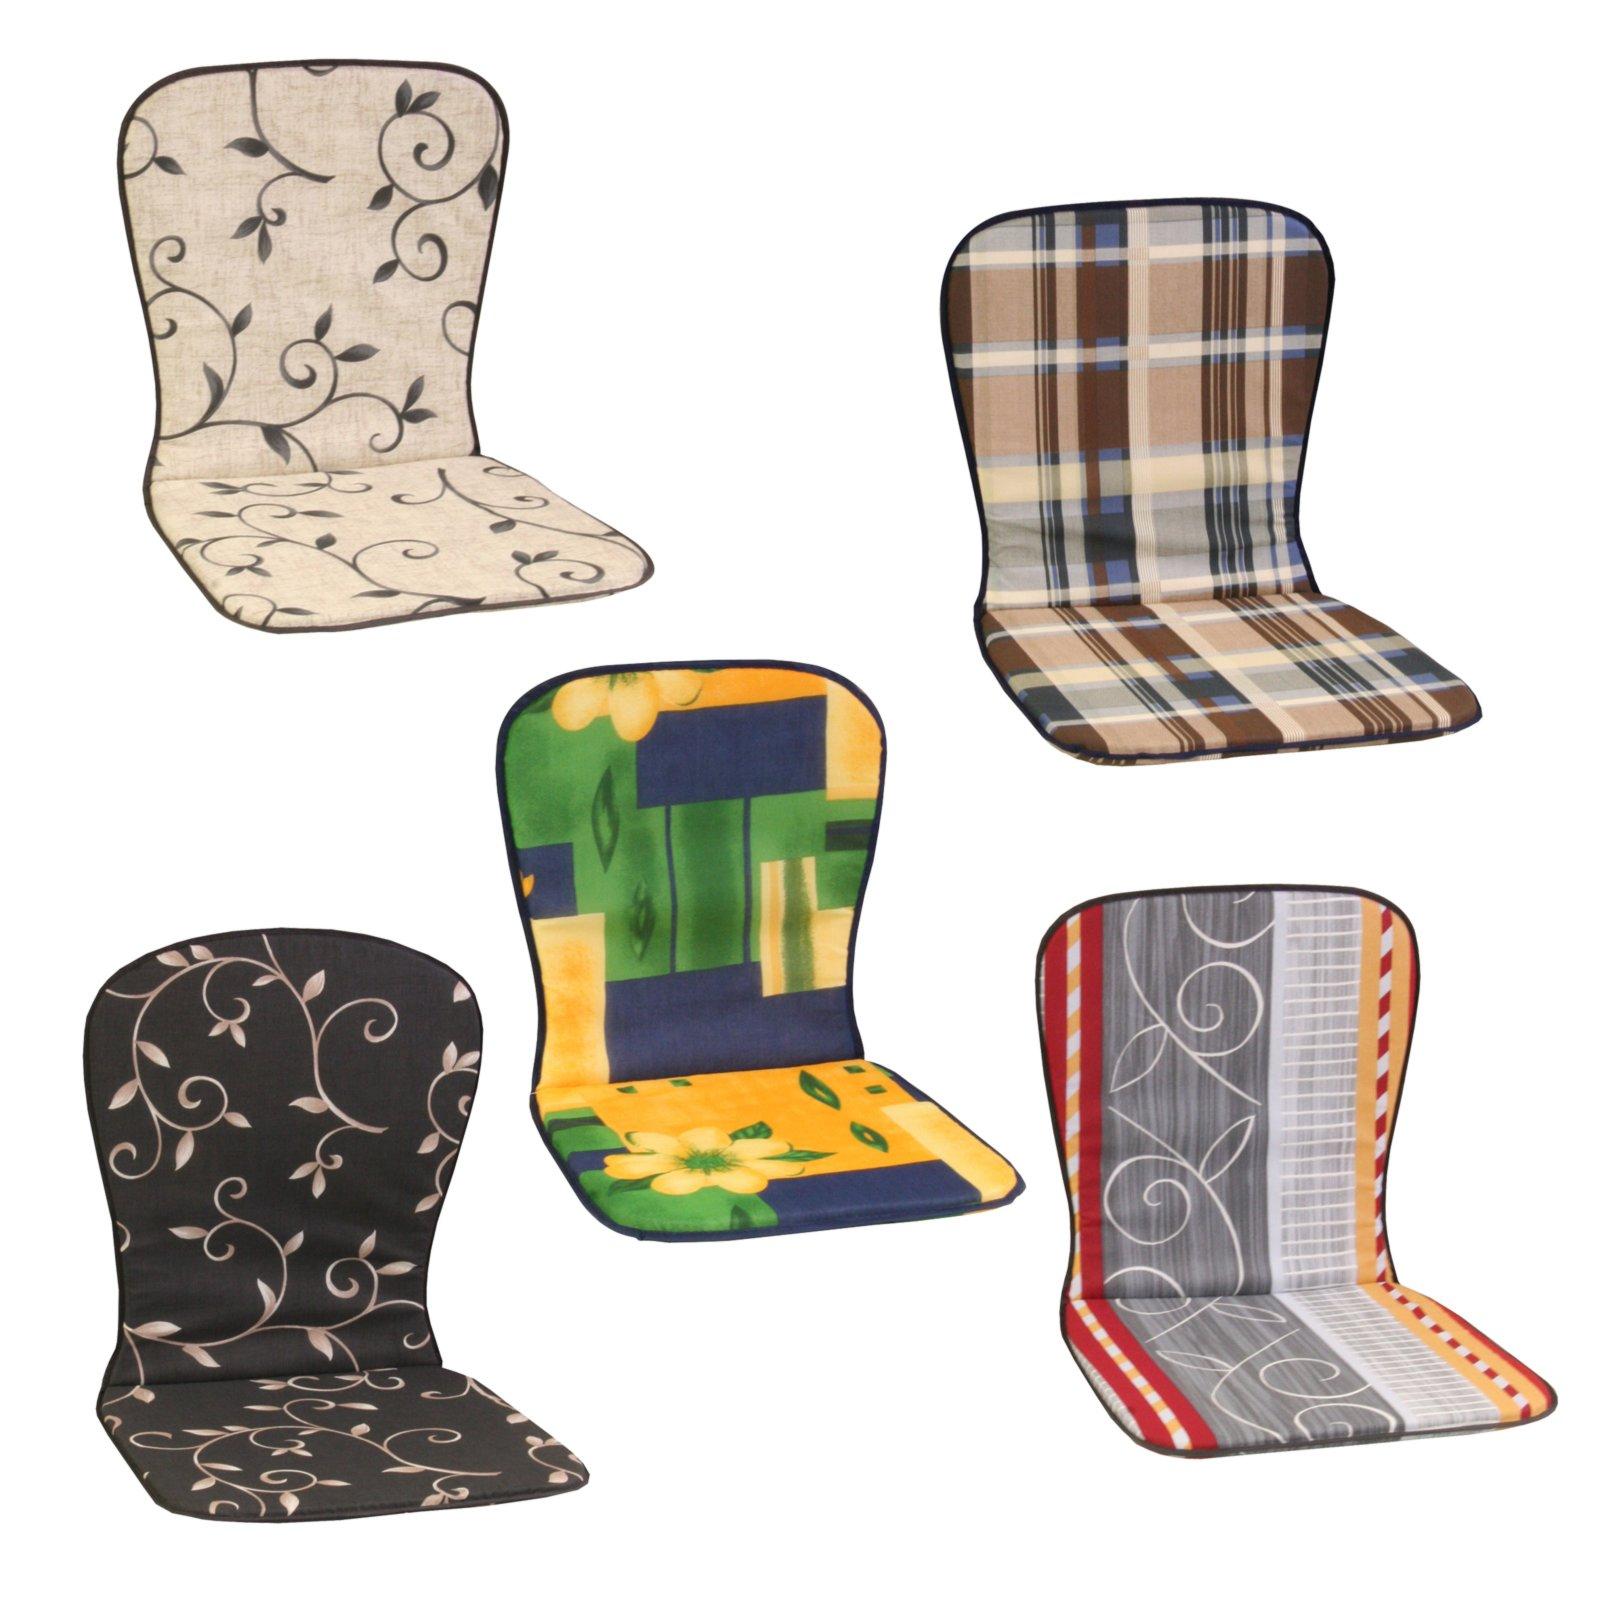 Sitzauflage Rücken hoch - verschiedene Designs | Auflagen für ...